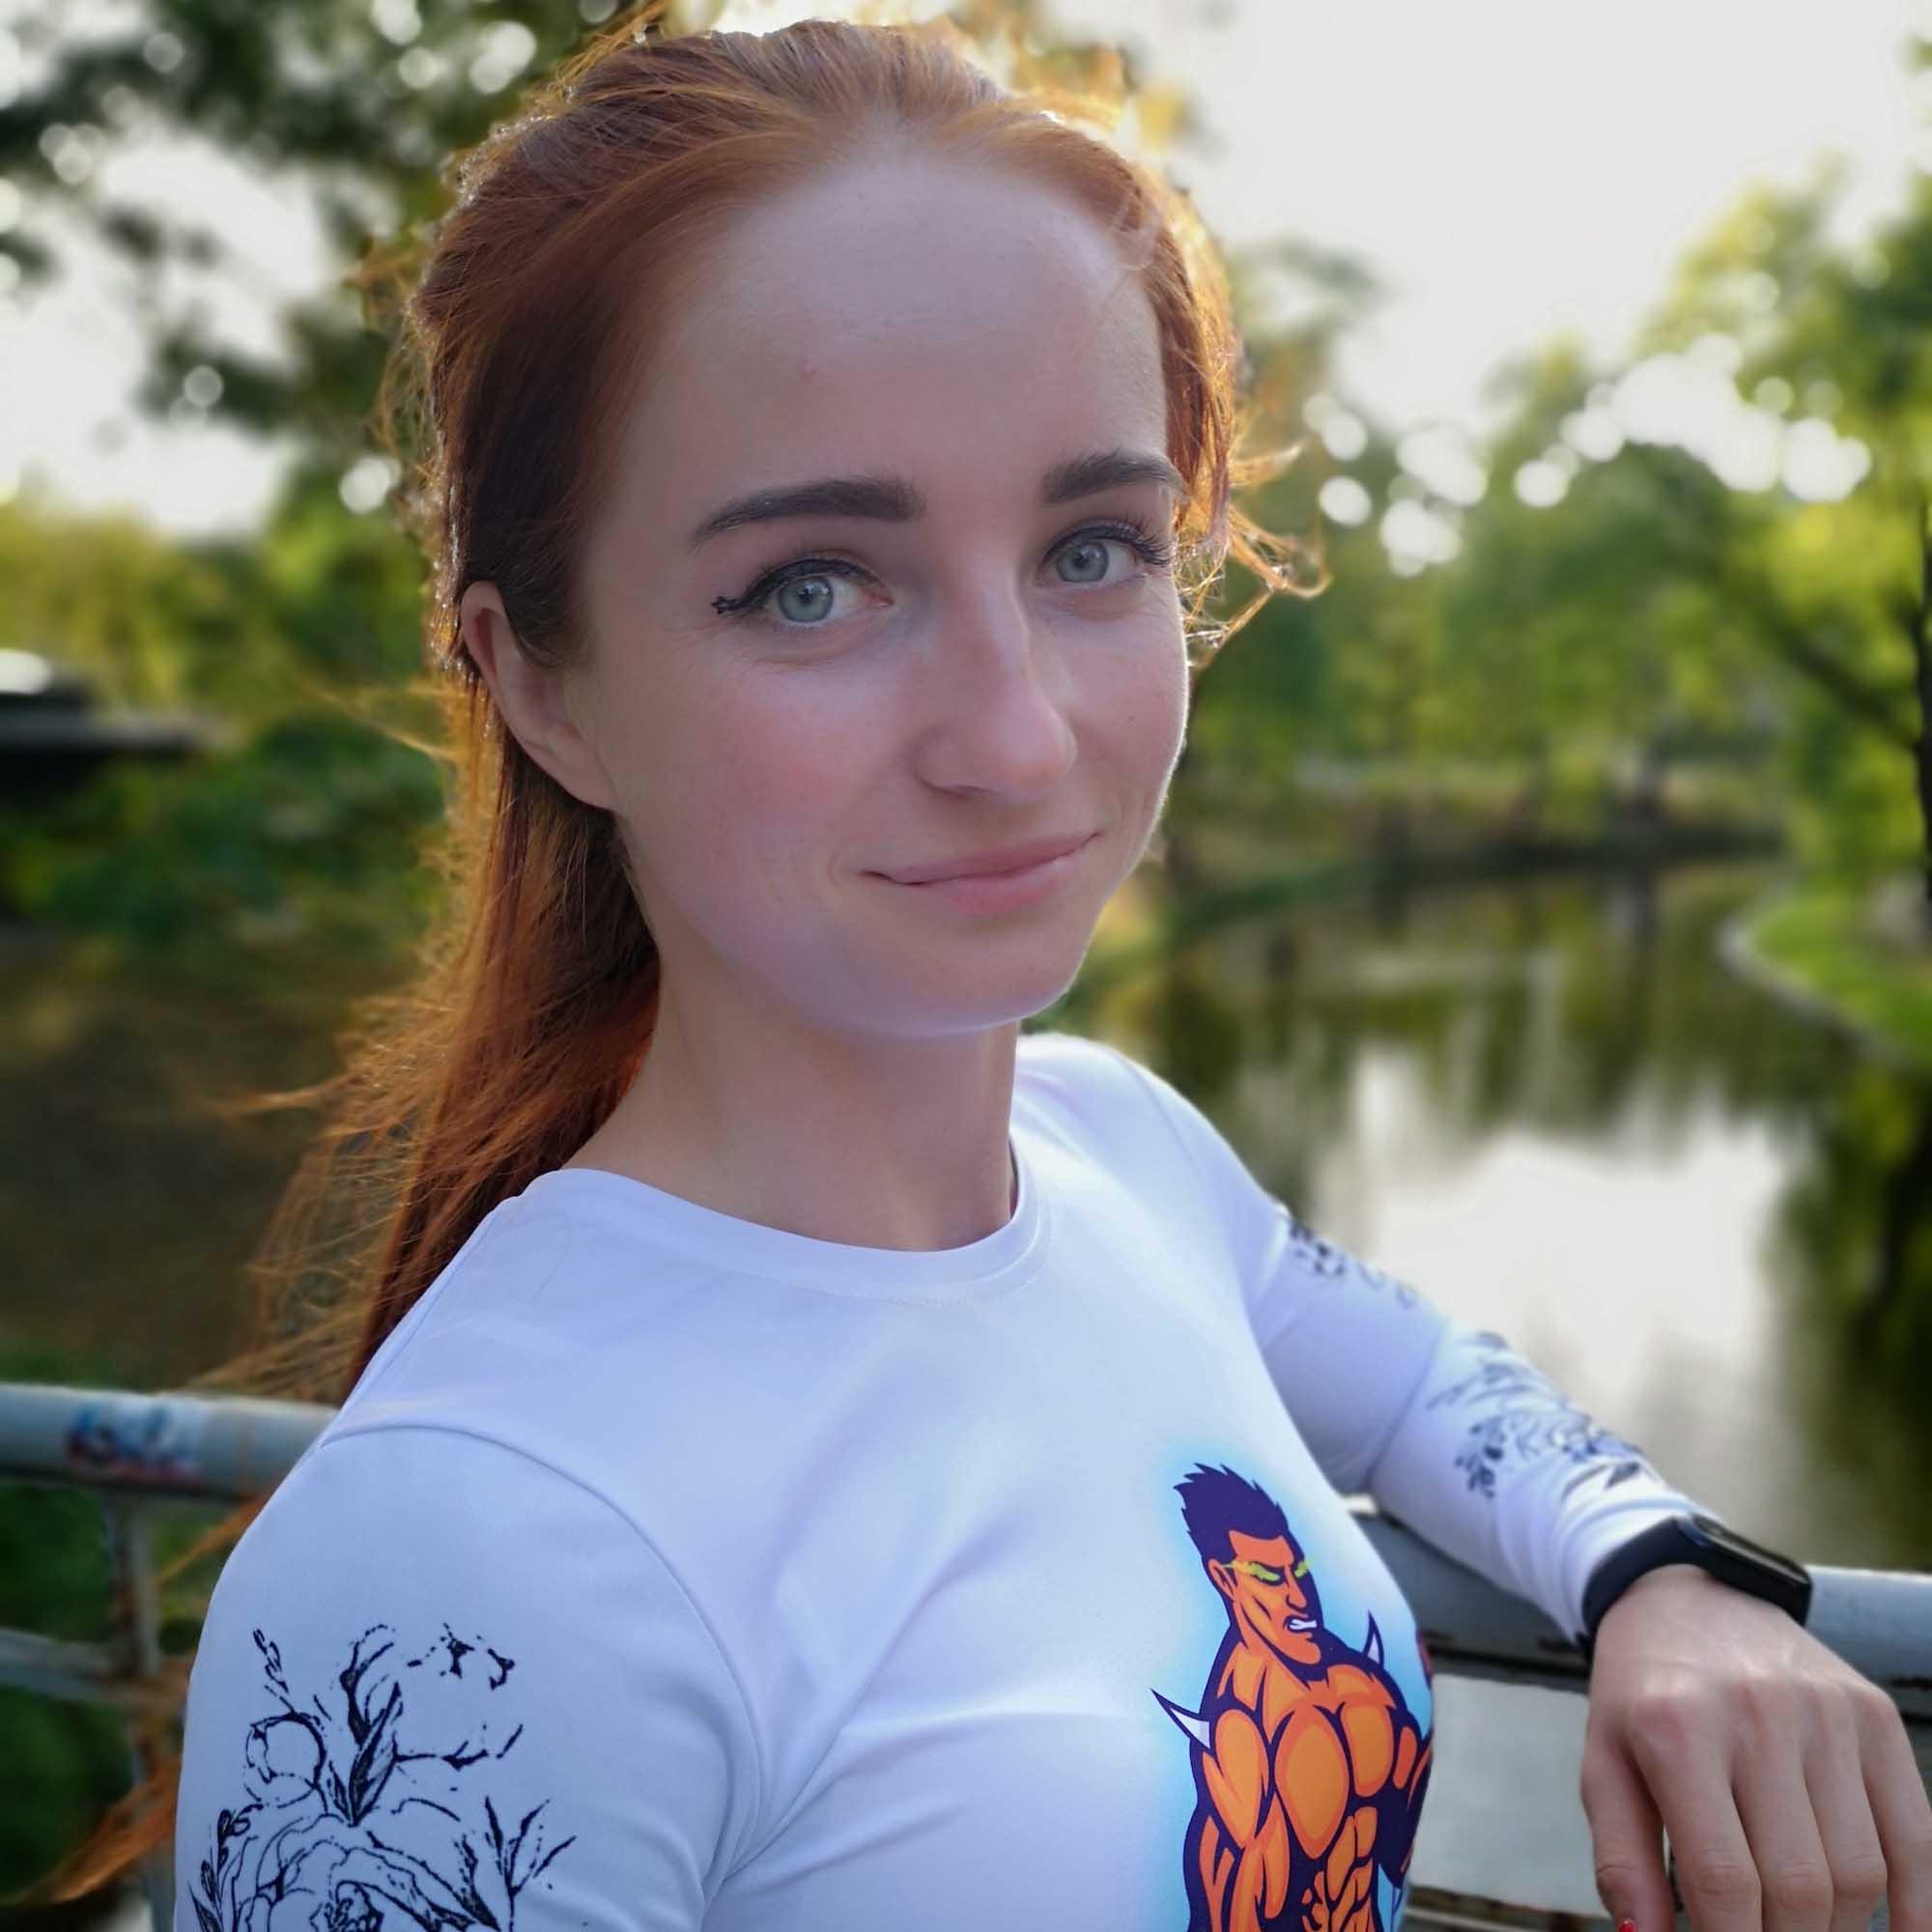 Natalia Maleeva